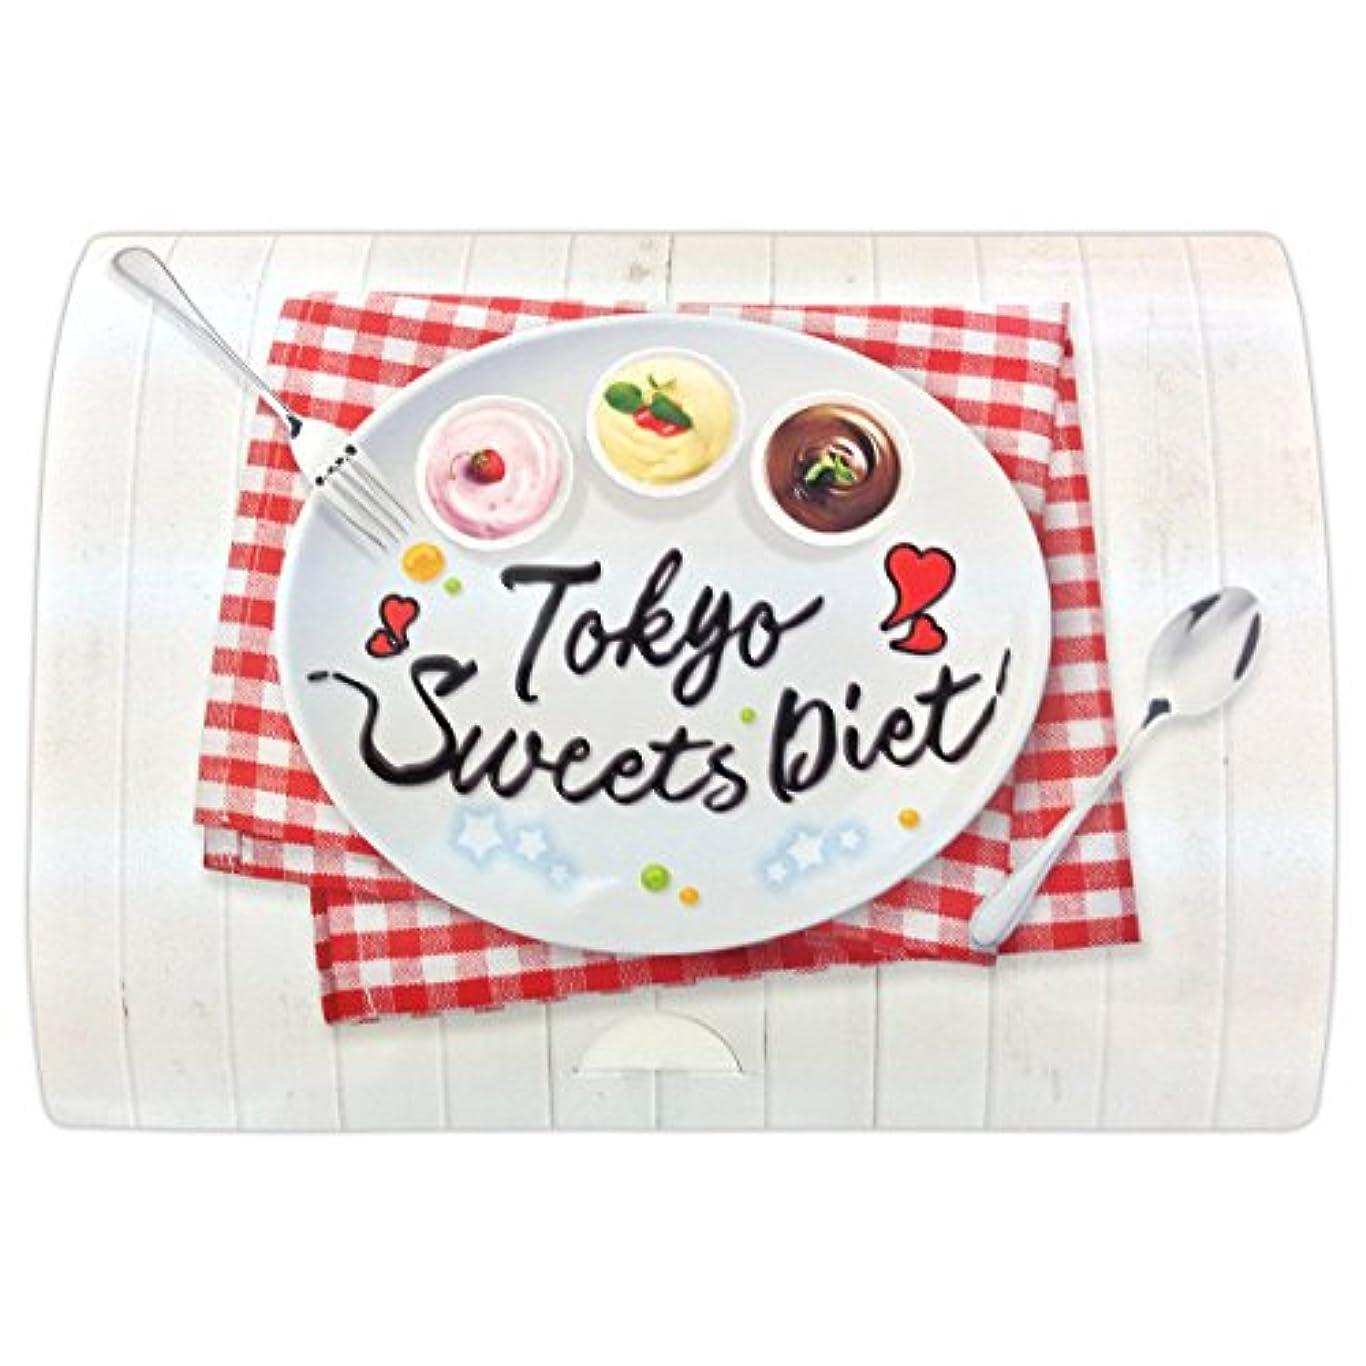 神社パパレンジIDEA TOKYOスイーツダイエット 置き換えダイエットスイーツ 15食(1包:15g) ストロベリー味 チョコレート味 プリン味